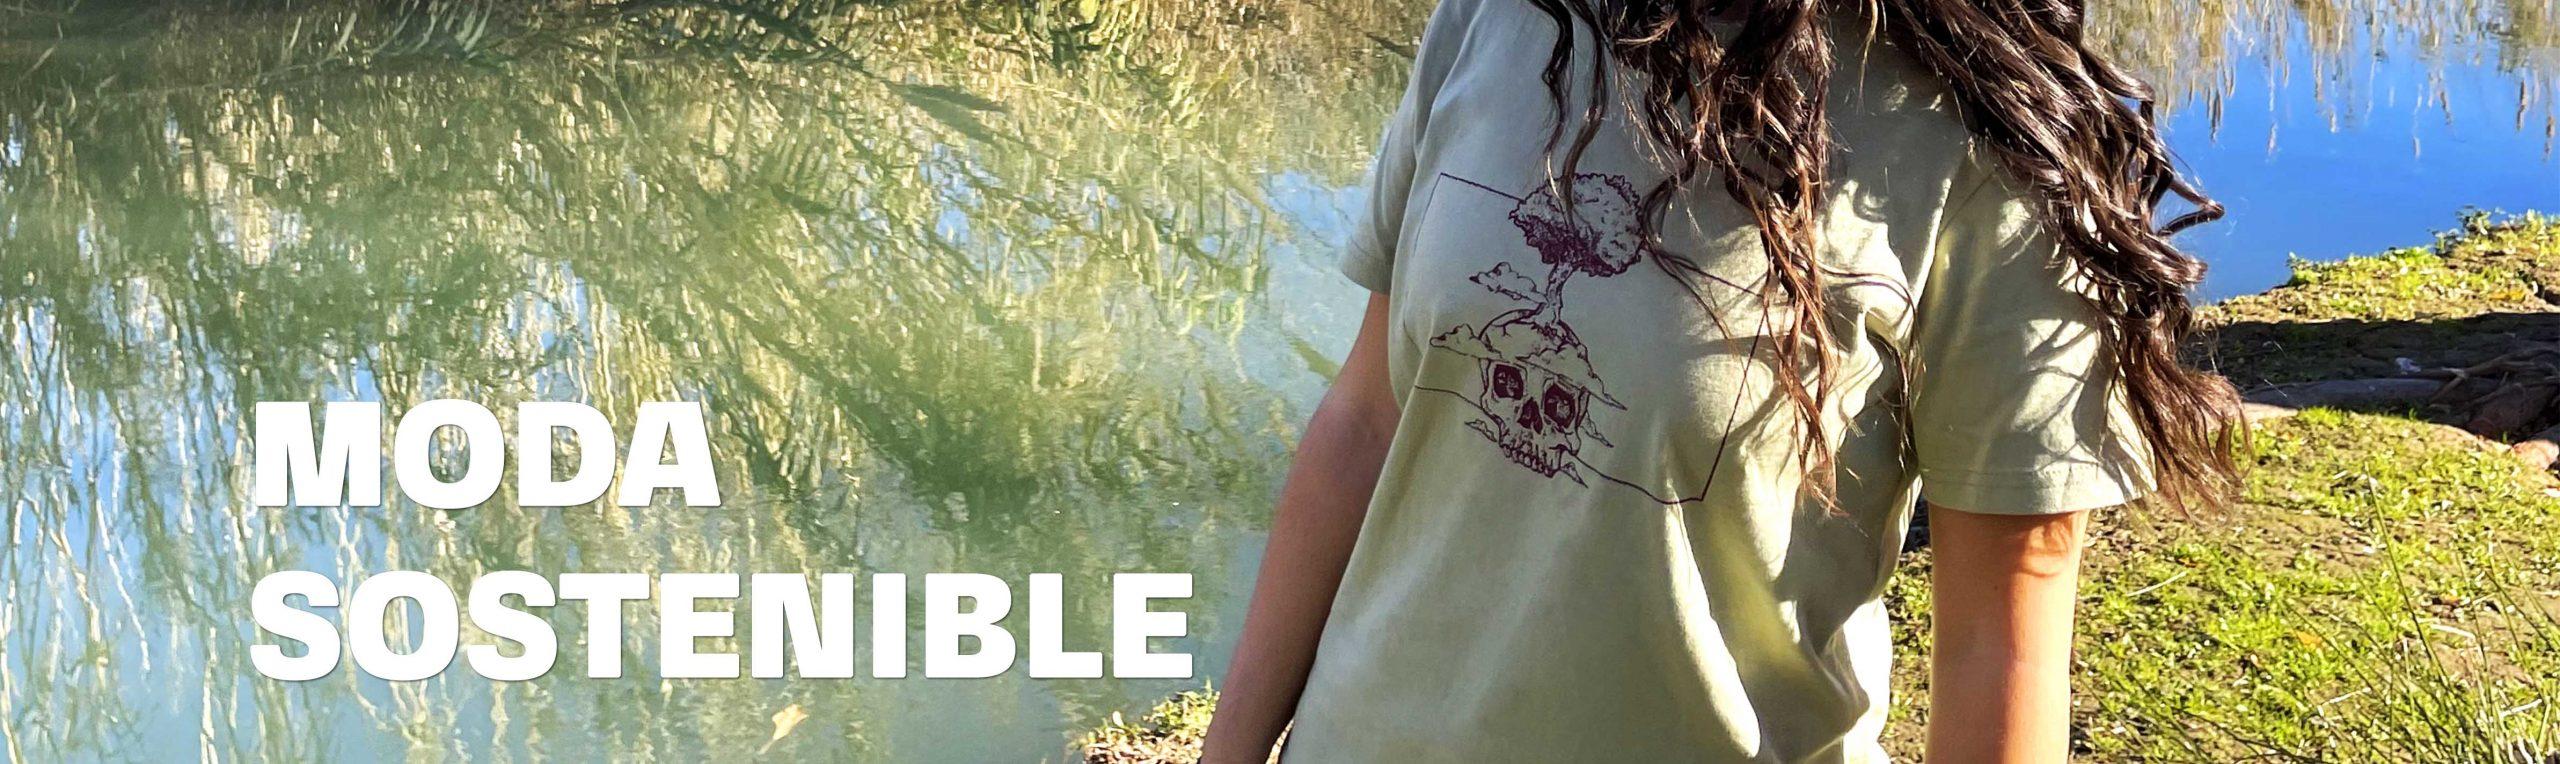 Moda sostenible, camisetas y sudaderas orgánicas